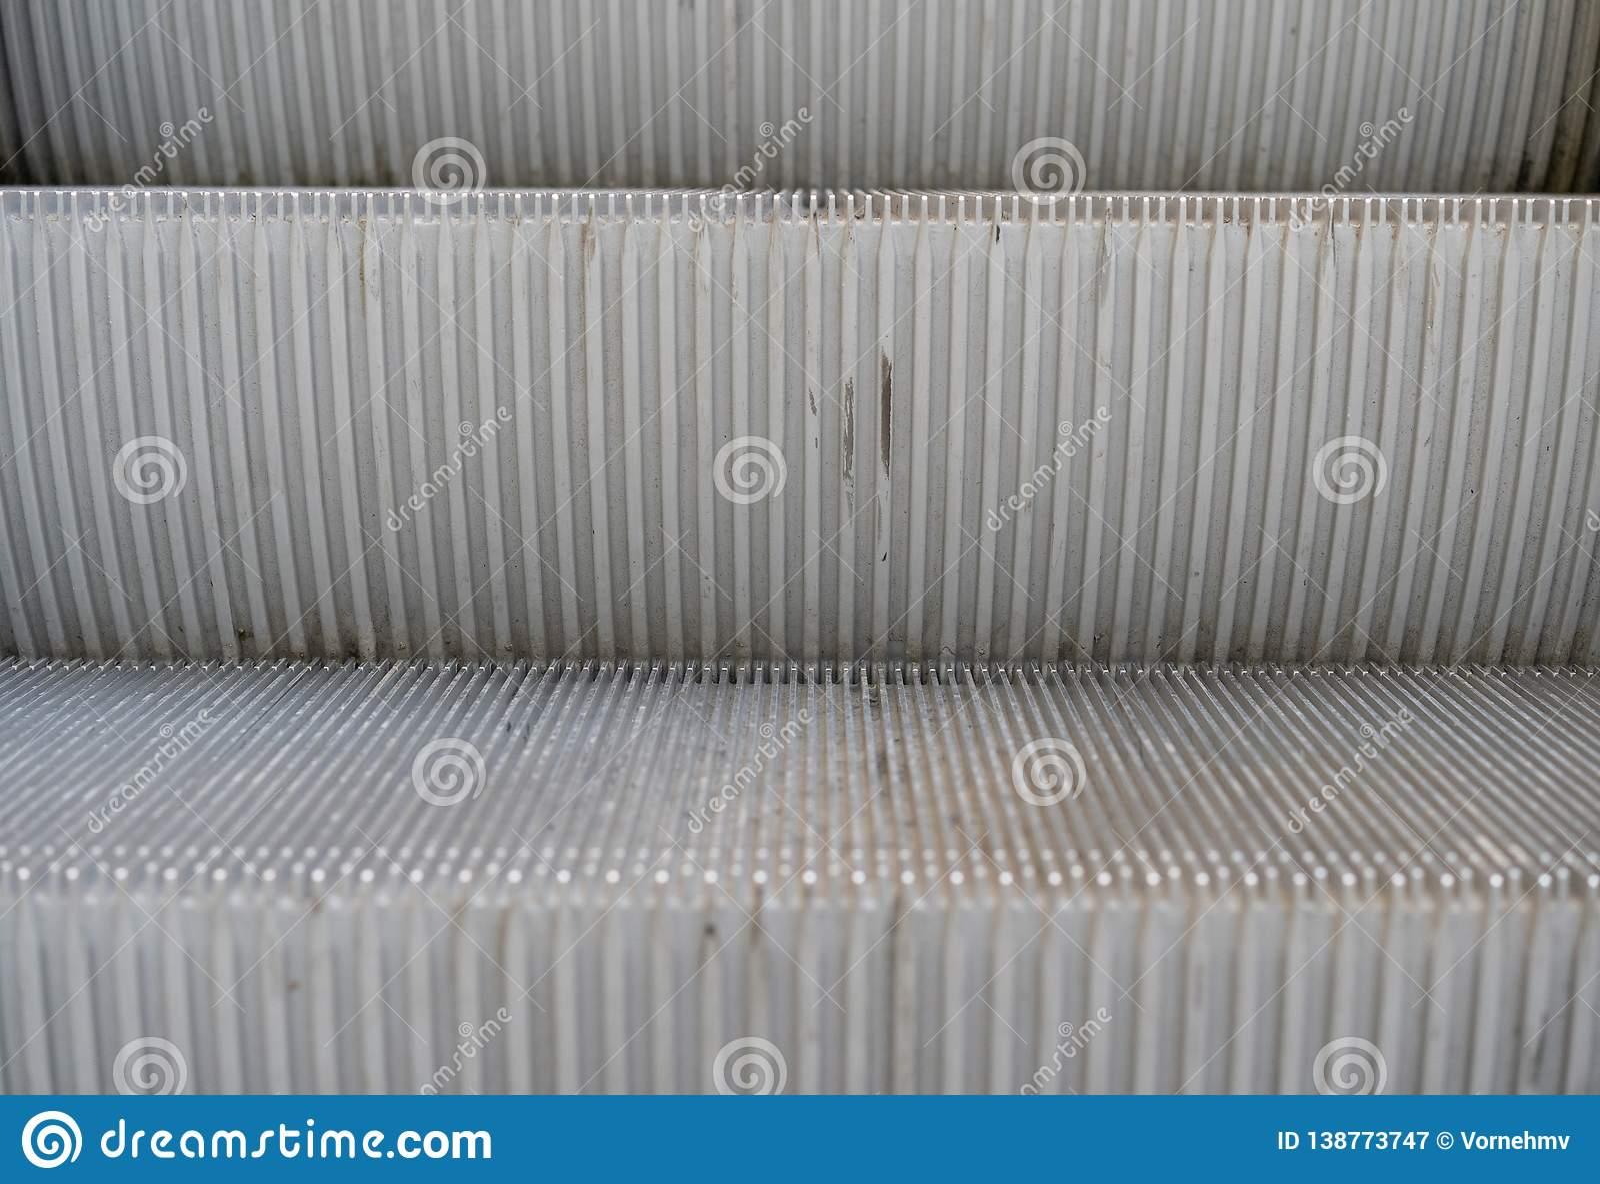 Detalj av en rulltrappa med två moment som framifrån föreställas upp